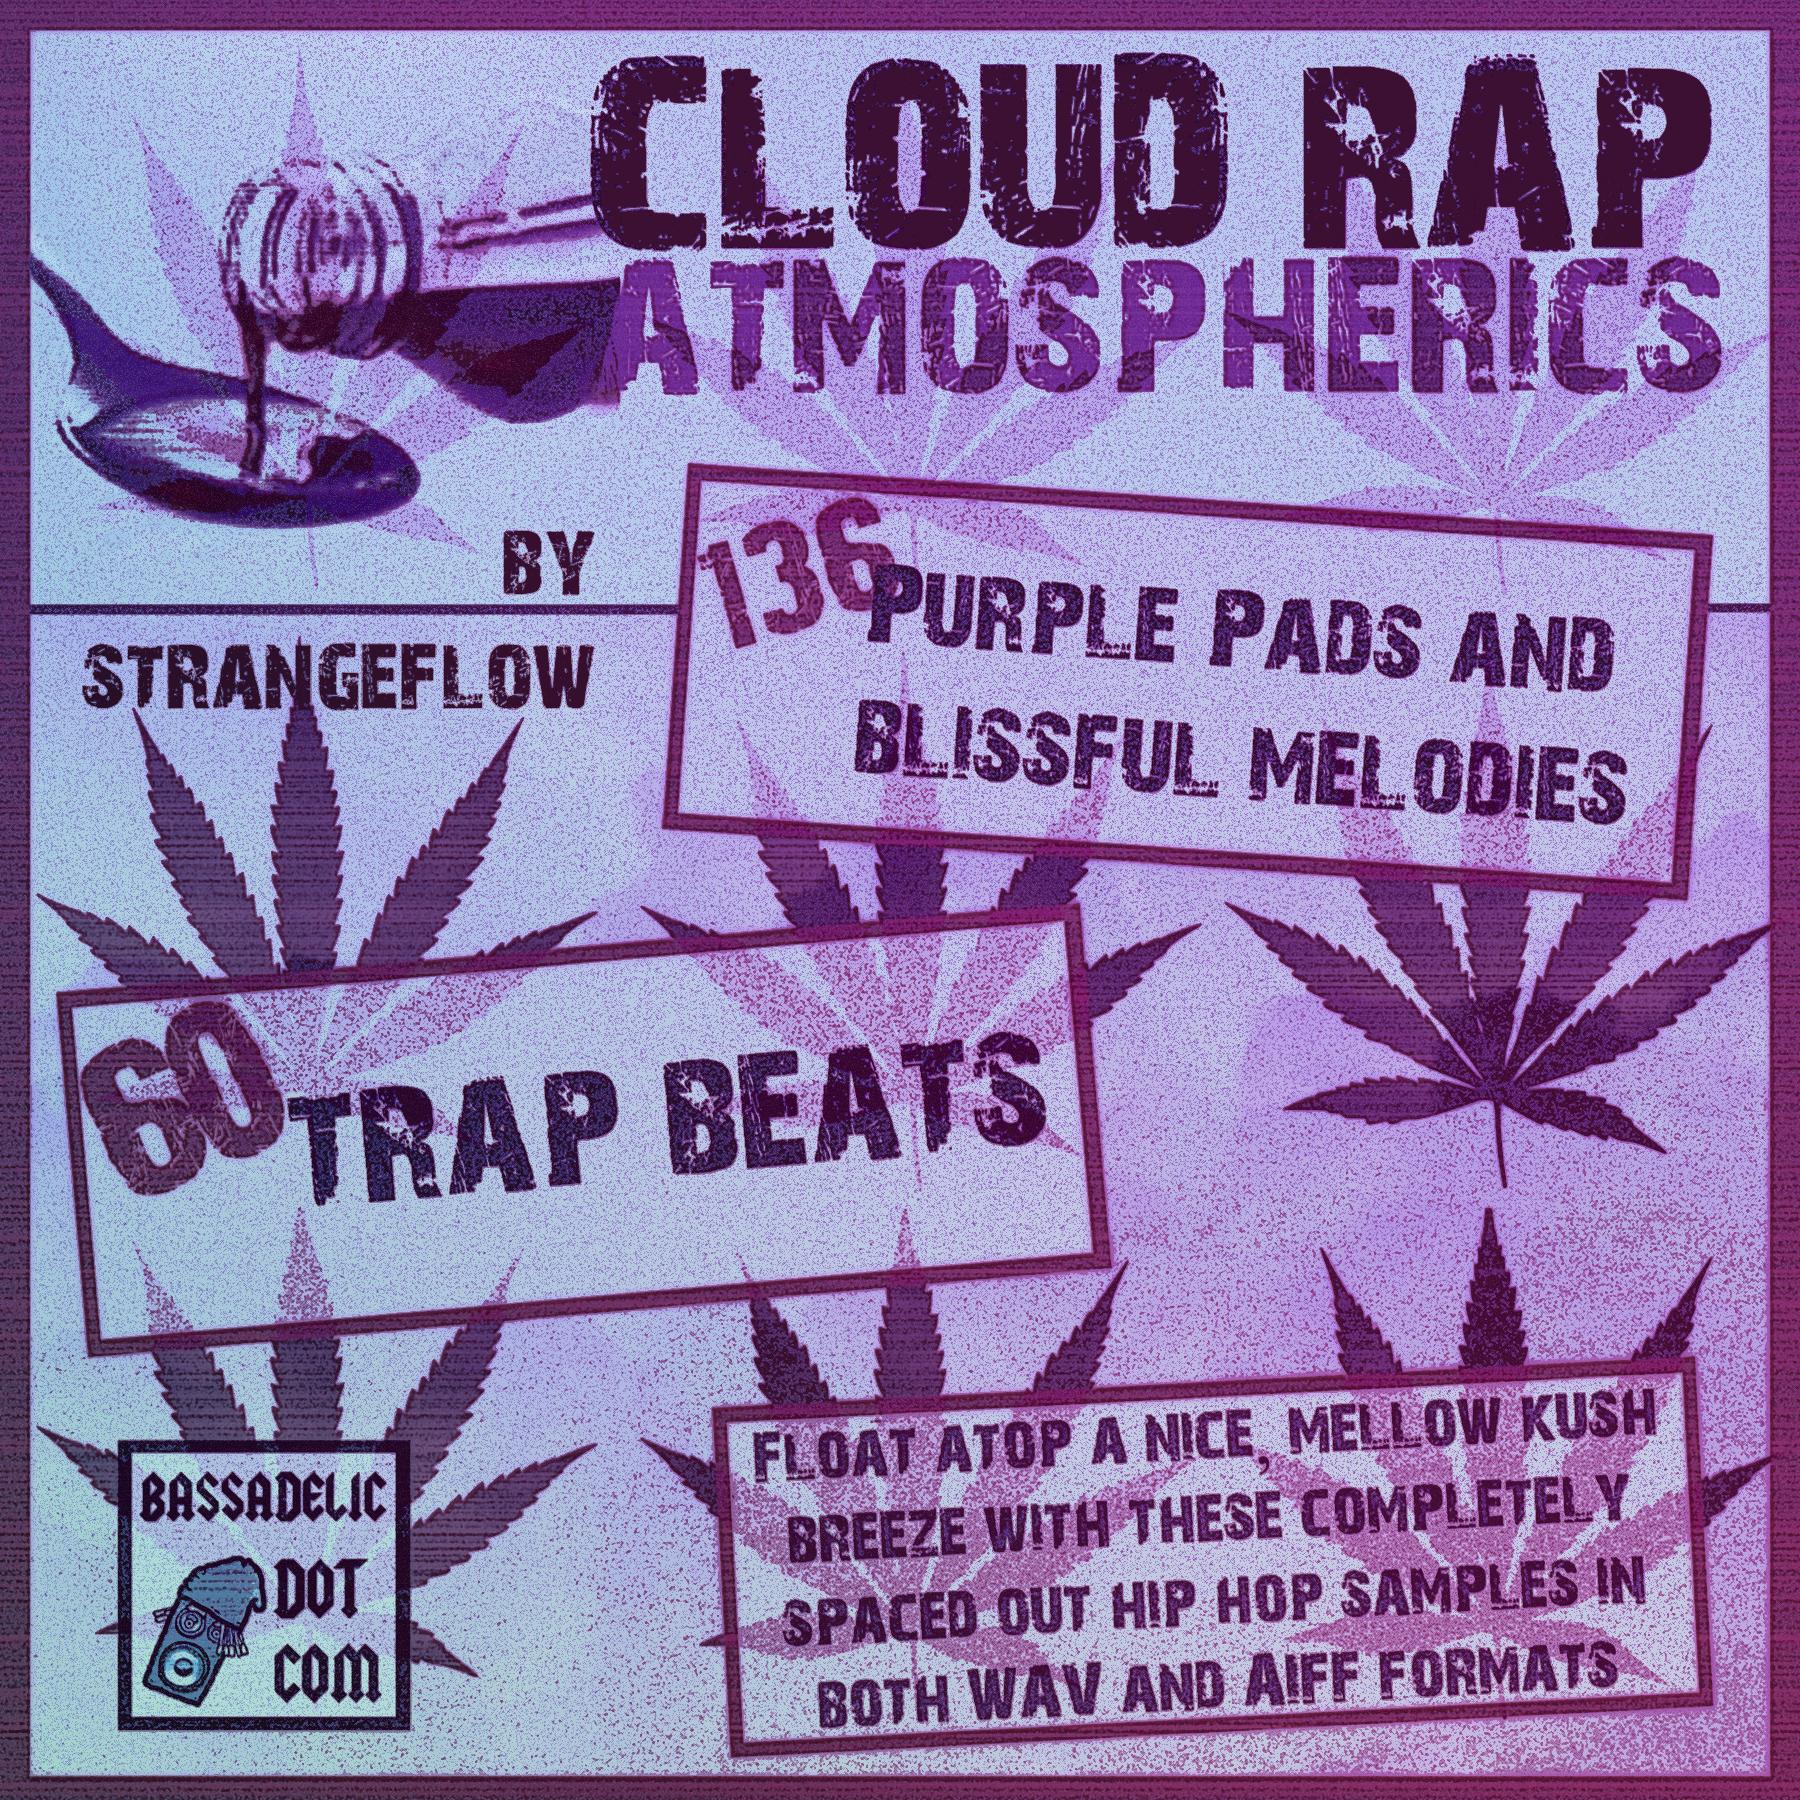 Huge Cloud Rap Atmospherics Sample Pack is Here :) | Bassadelic ...